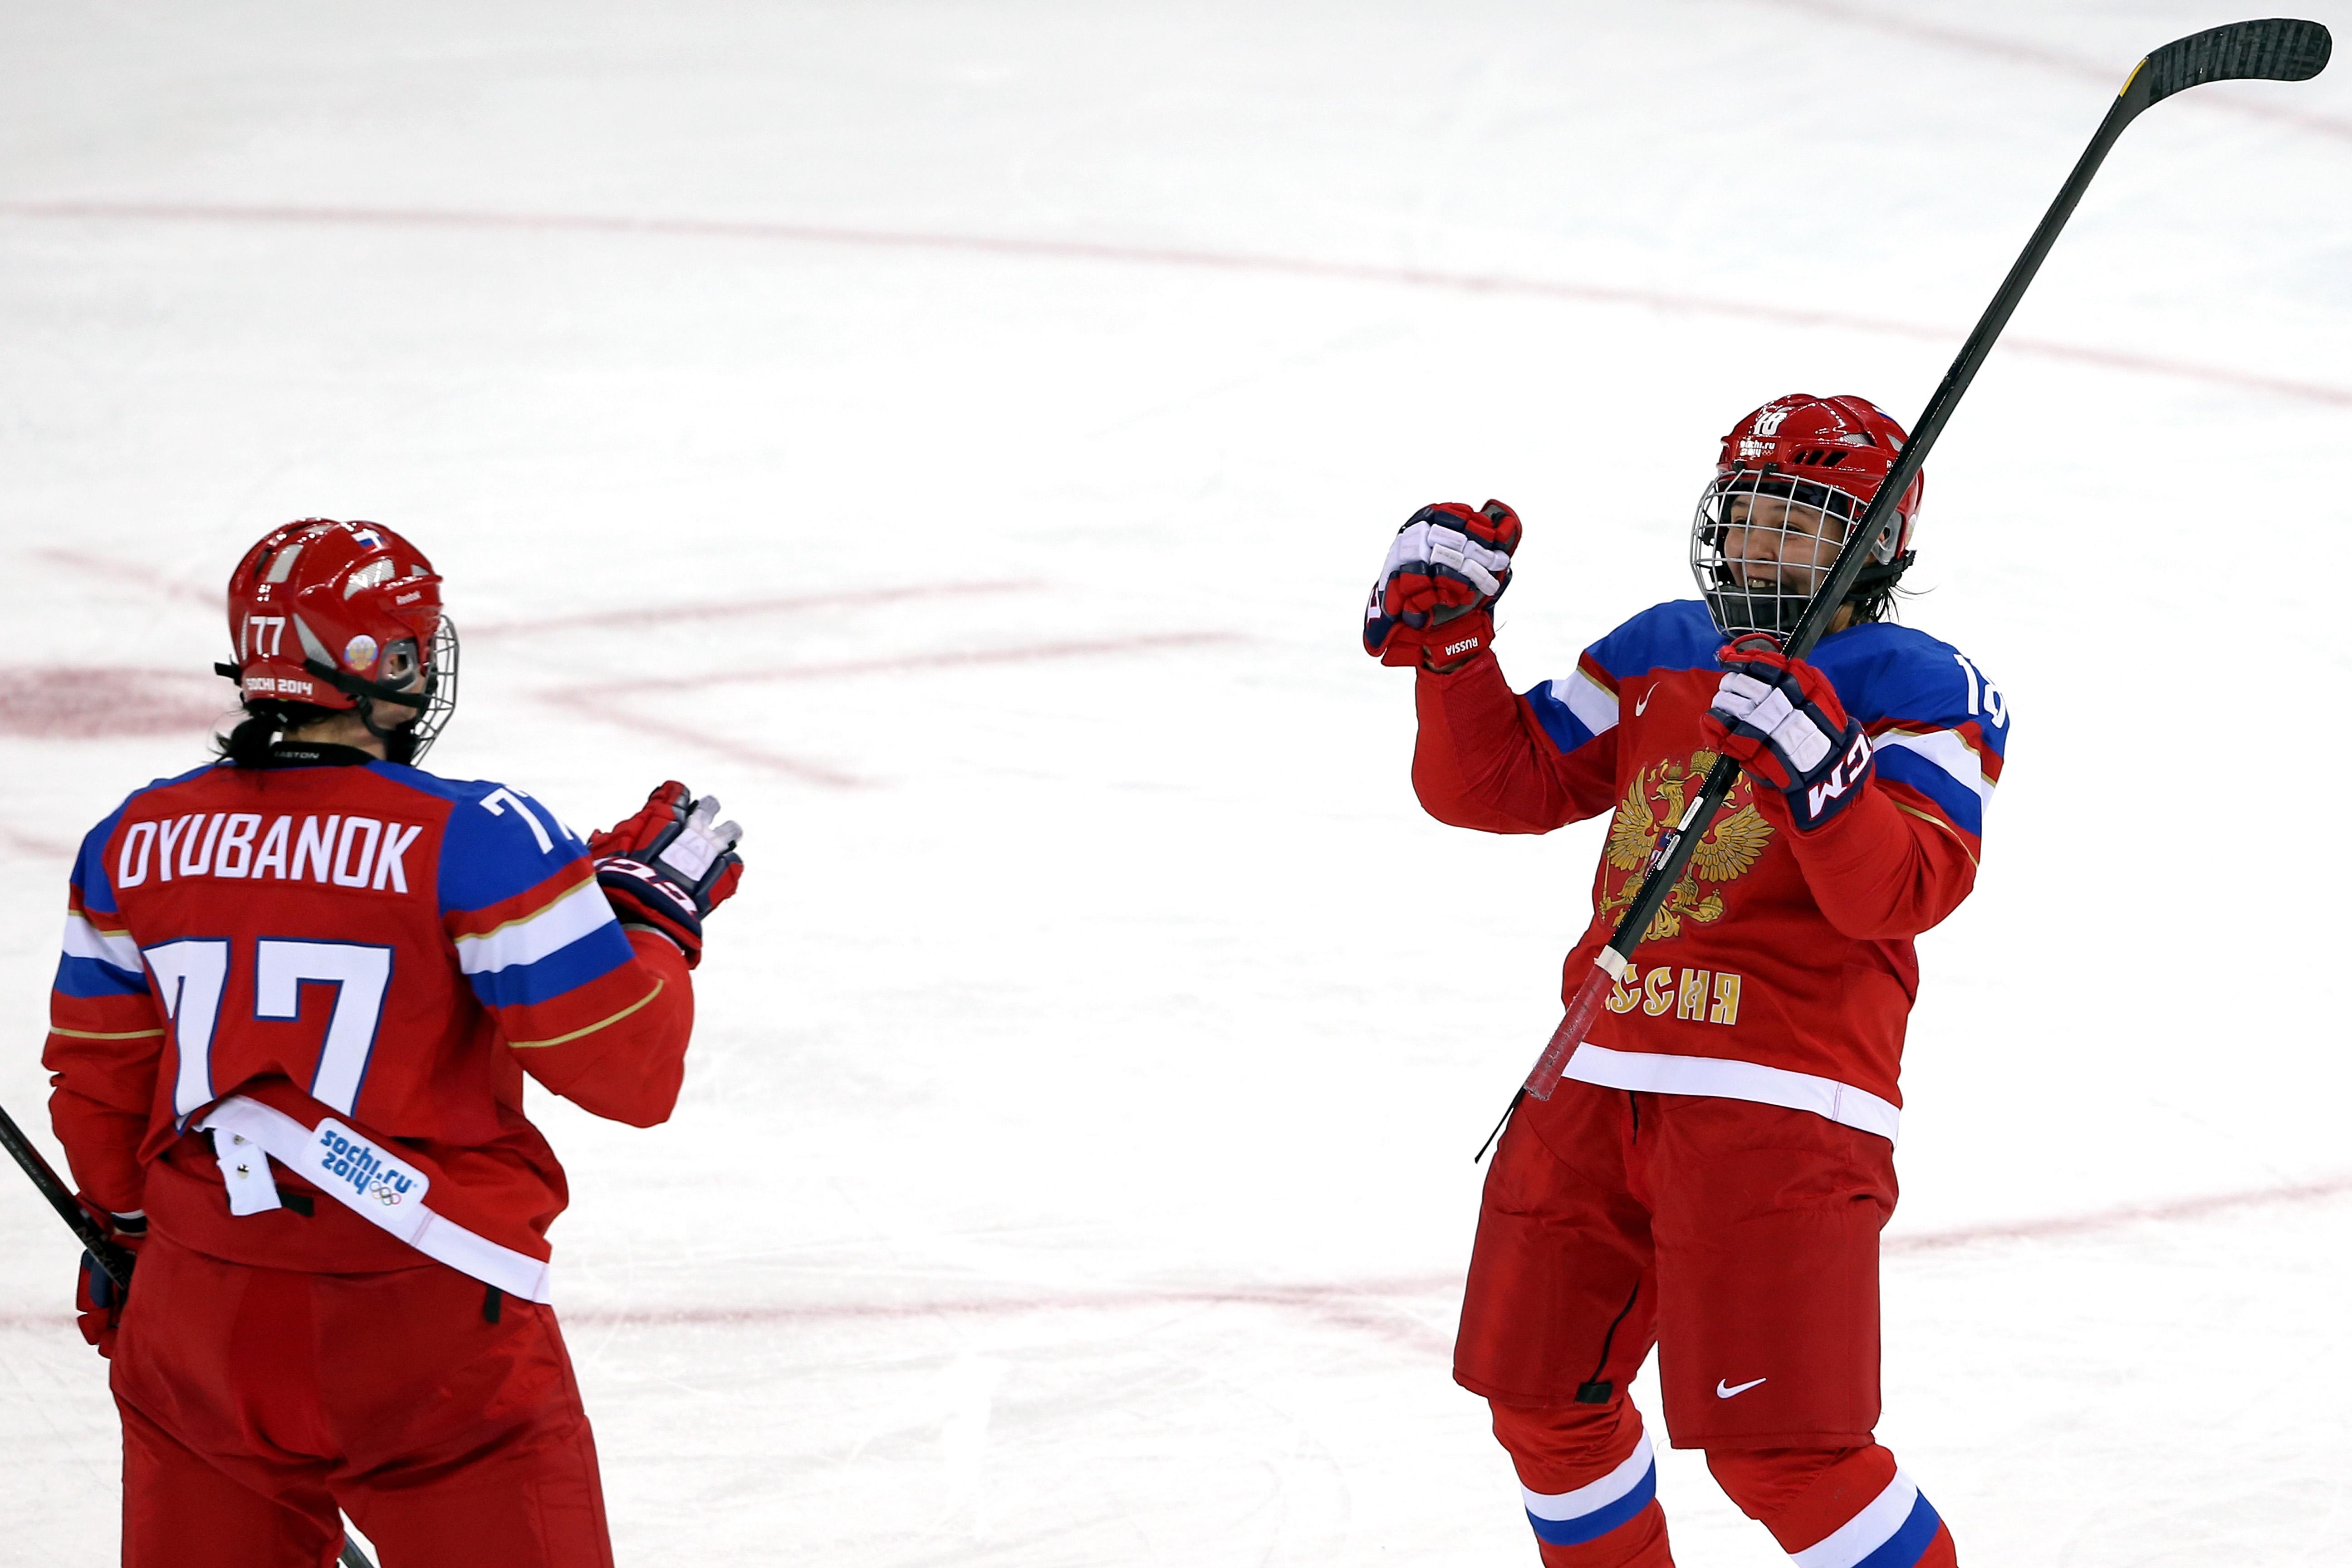 Ice Hockey - Winter Olympics Day 2 - Russia v Germany